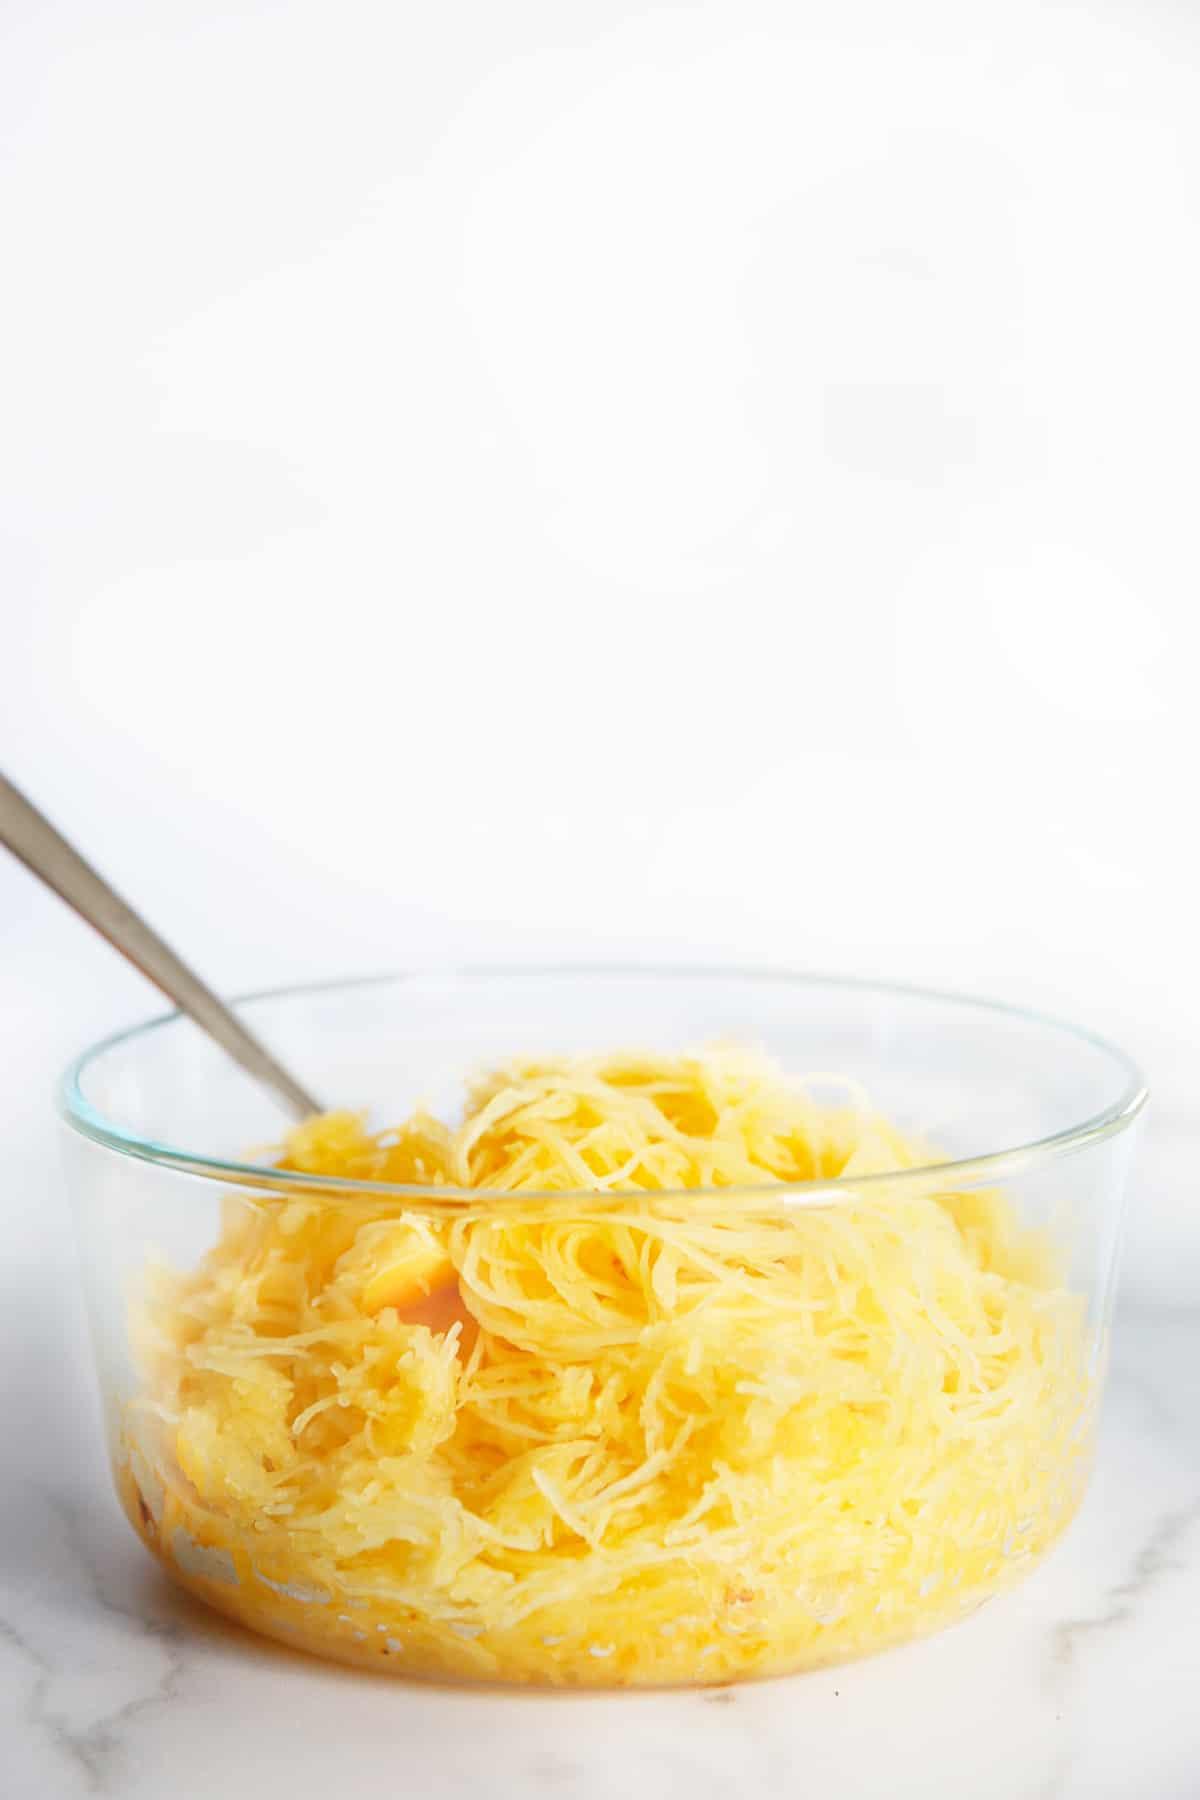 Spaghetti squash meal prep